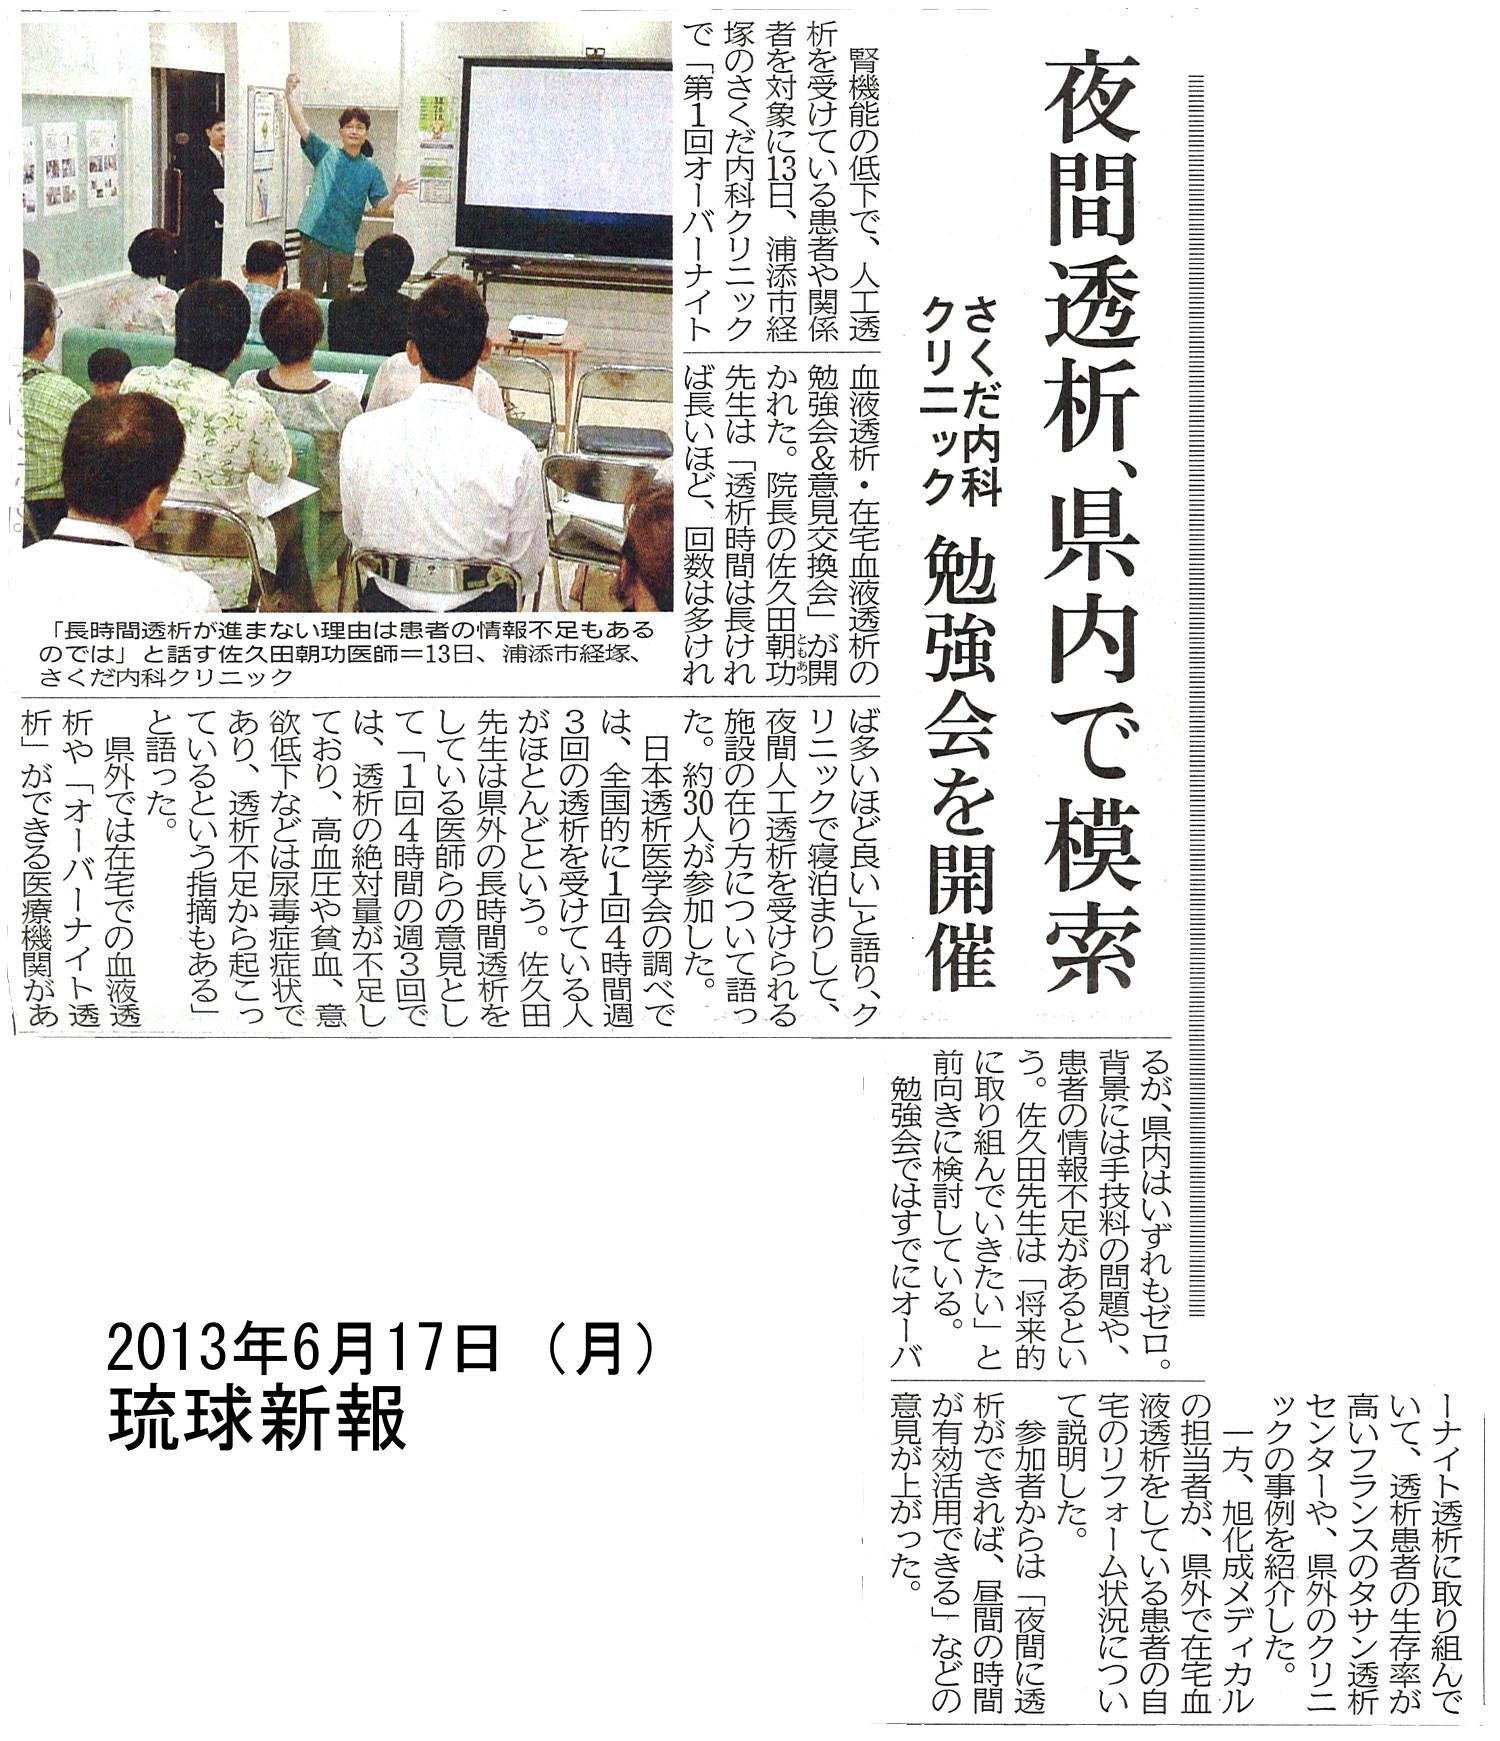 琉球新報の記事20130617